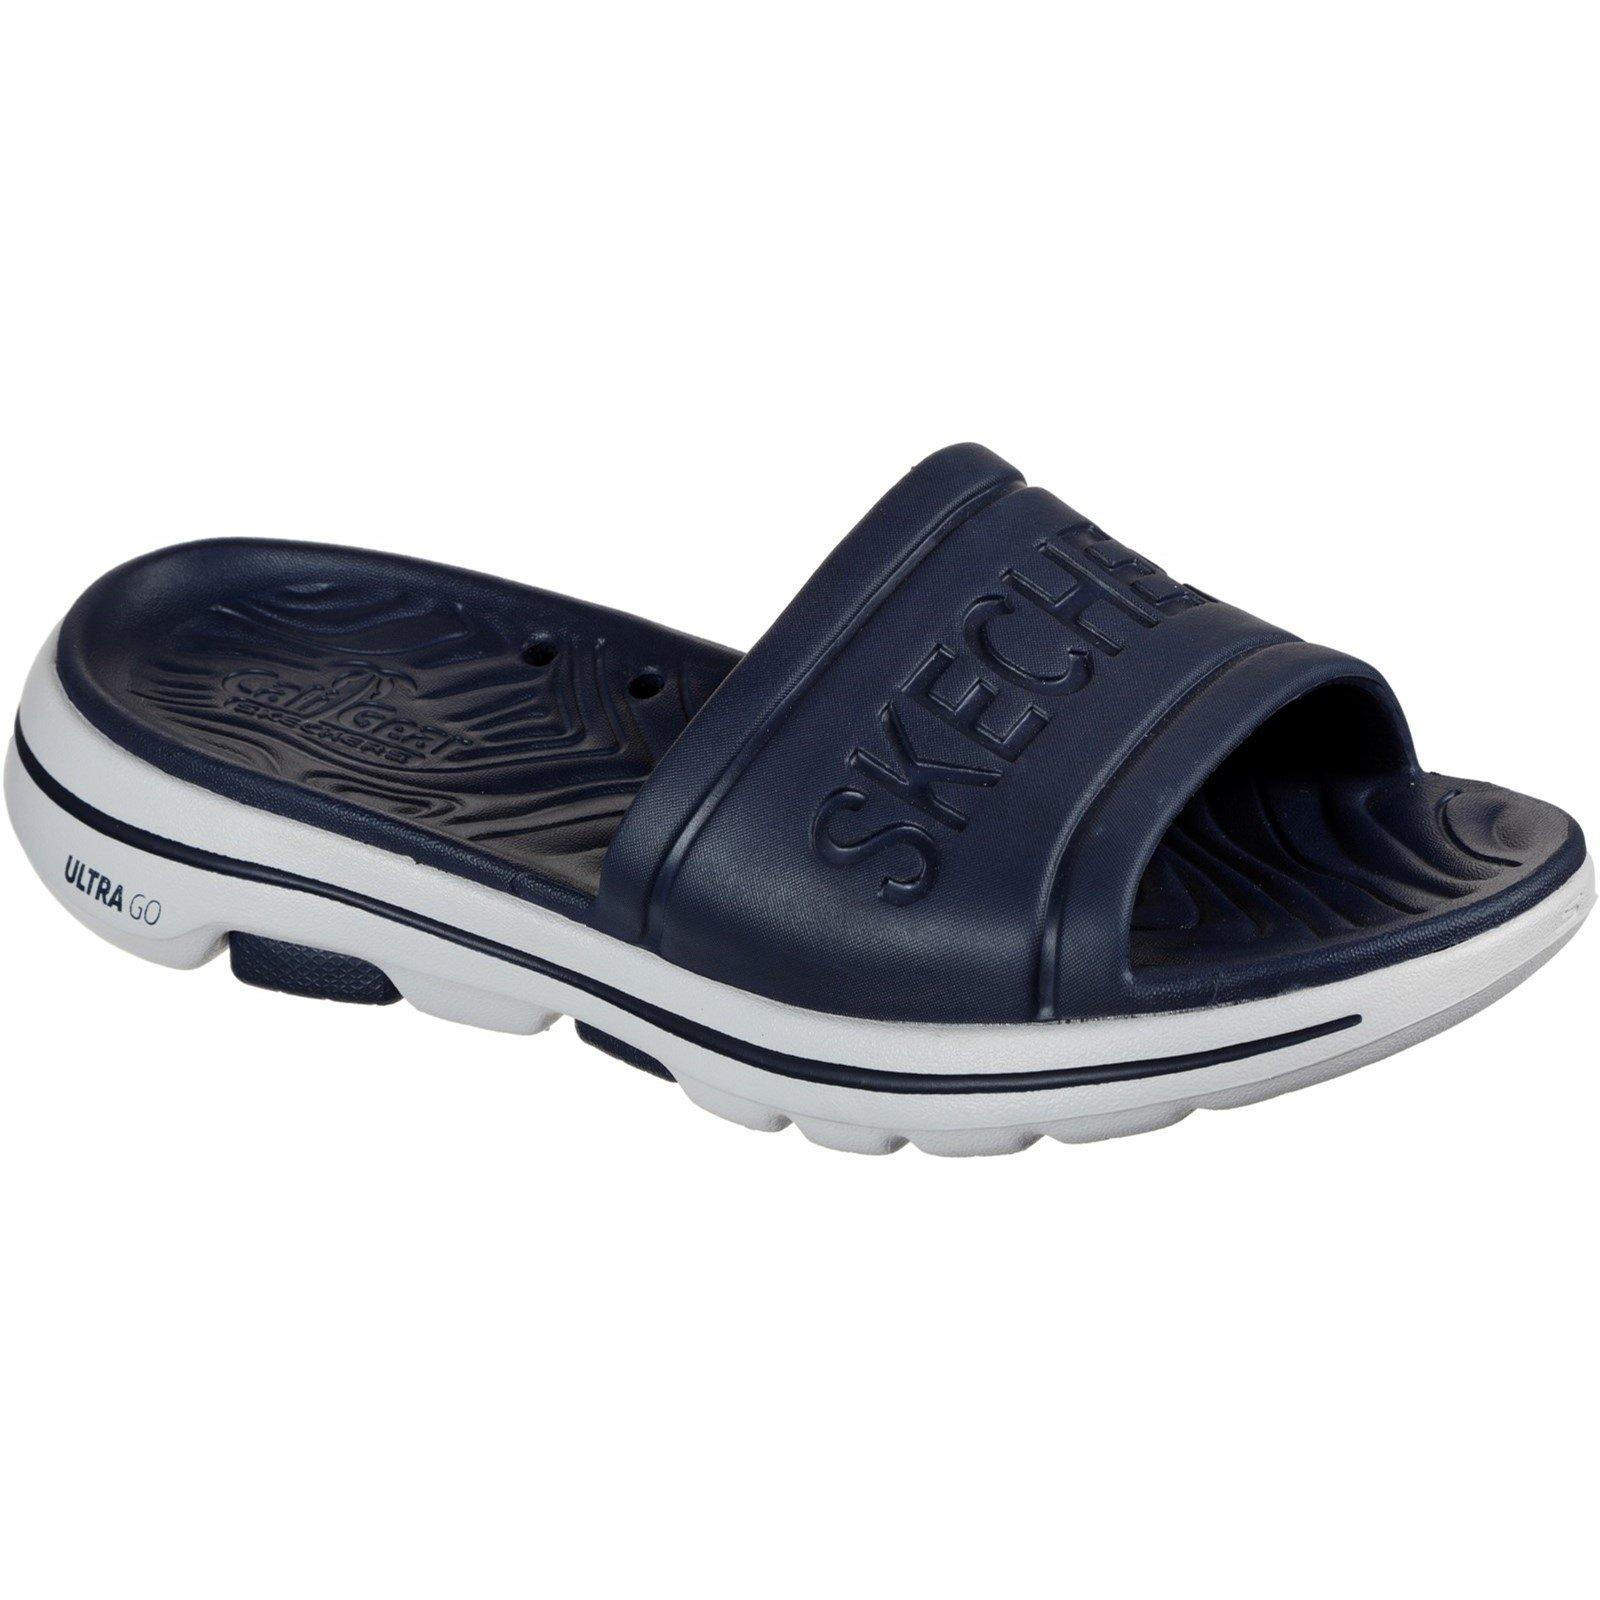 Skechers Men's Go Walk 5 Surfs Out Summer Sandal Various Colours 32207 - Navy 12